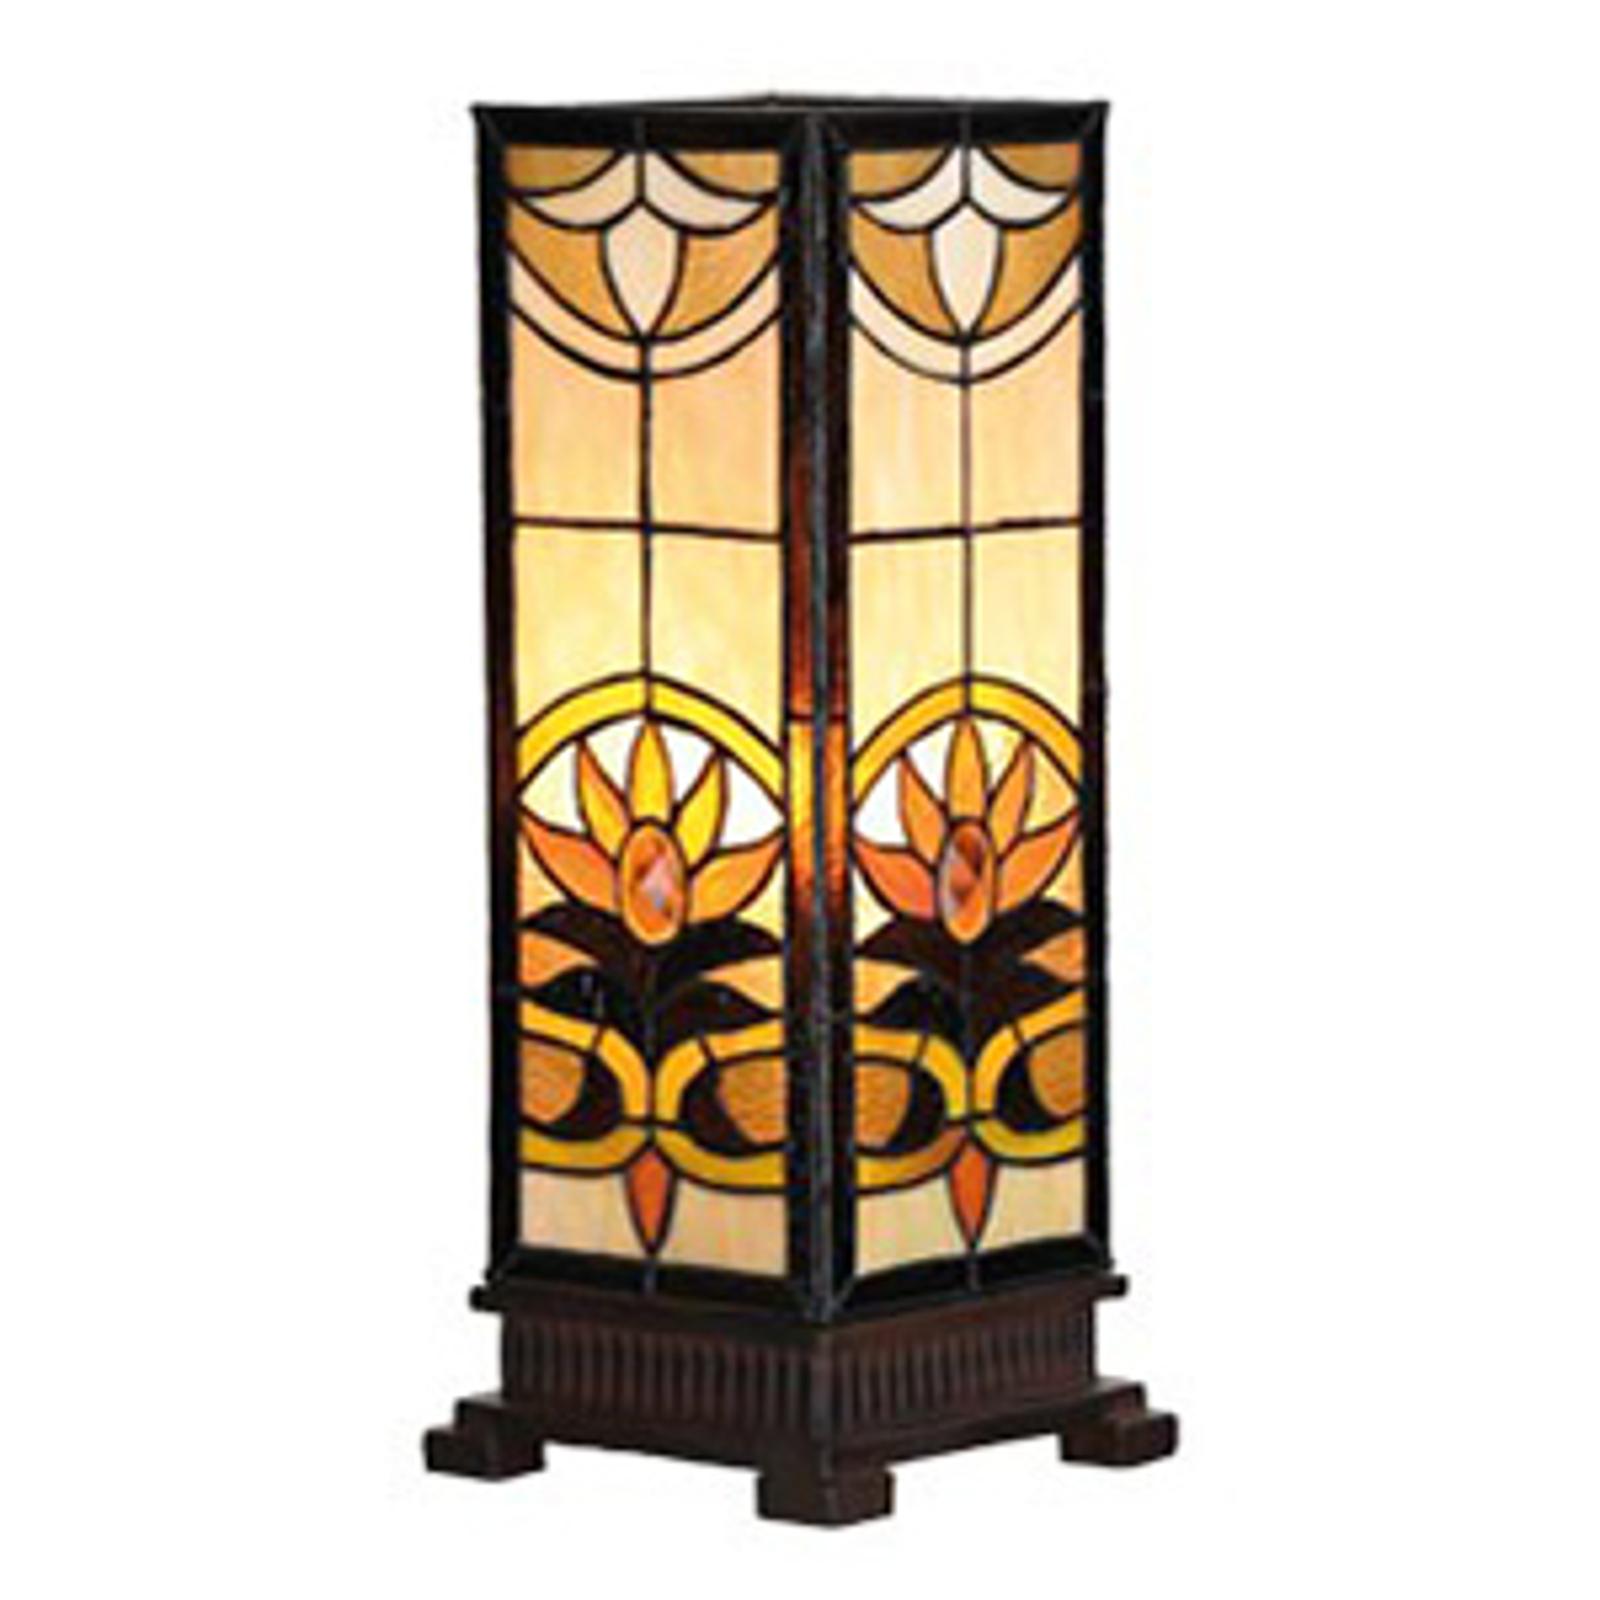 Lampada da tavolo angolare Sina in stile Tiffany